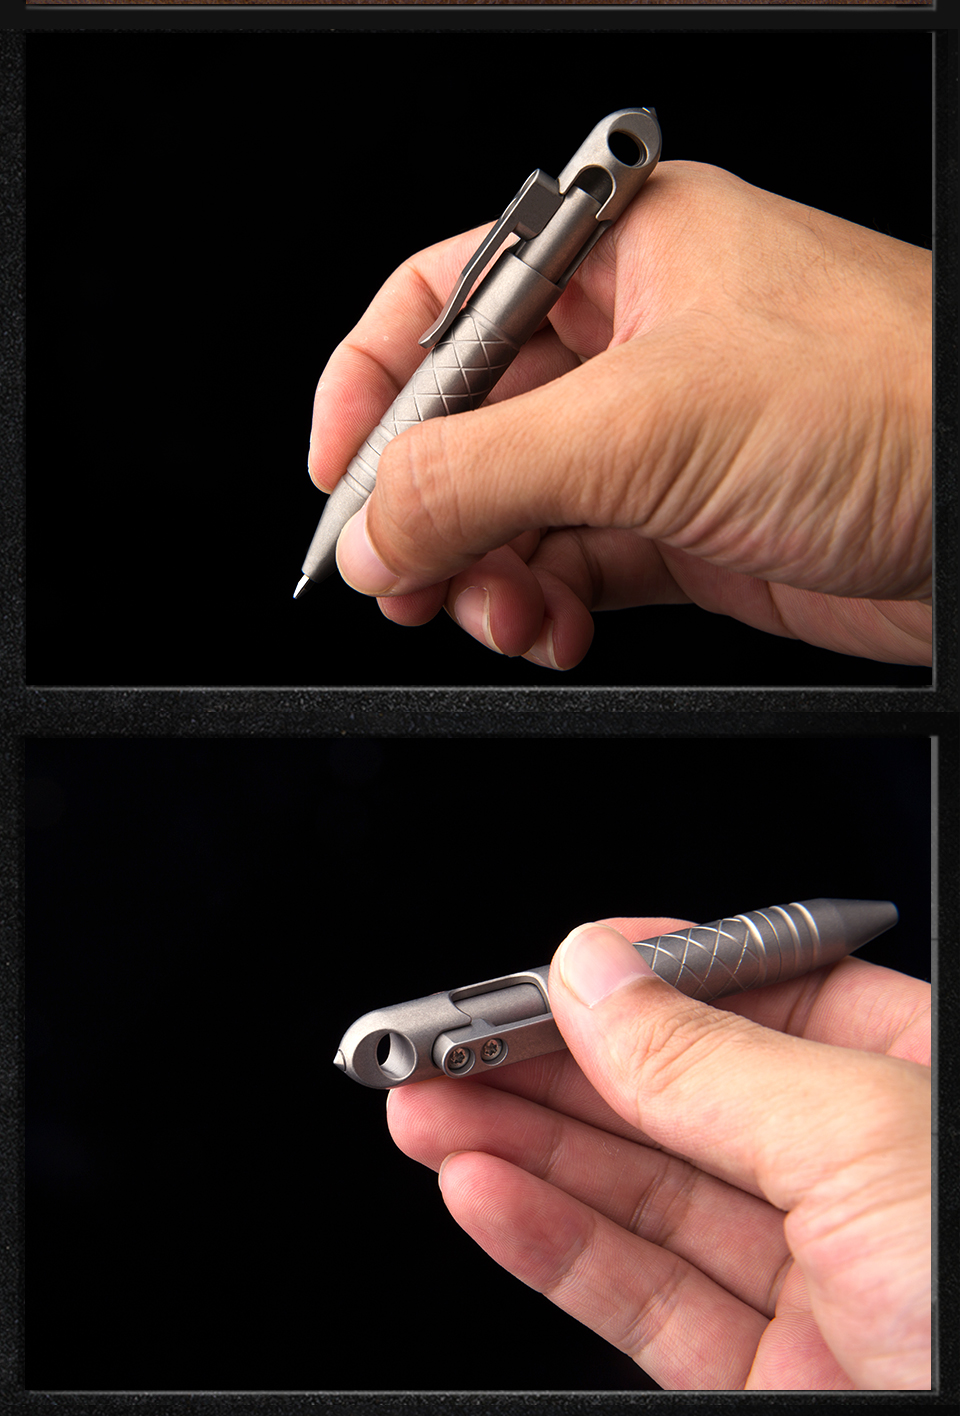 quebrada auto-defesa tático caneta ferramenta de sobrevivência ao ar livre